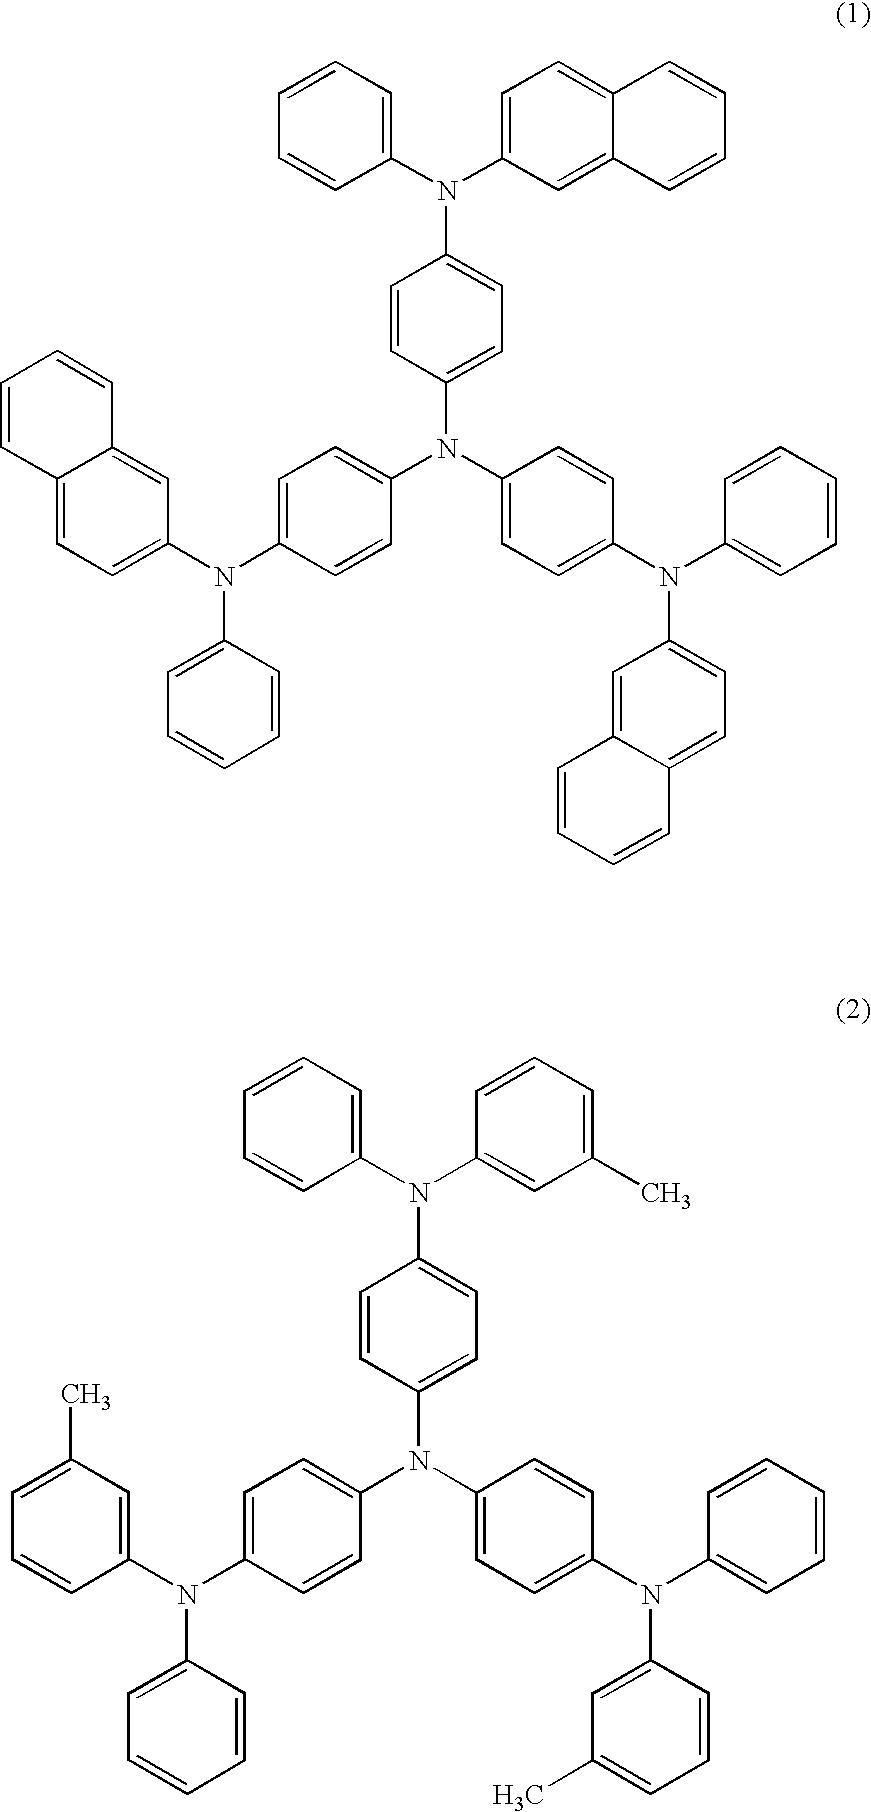 Figure US07193361-20070320-C00001